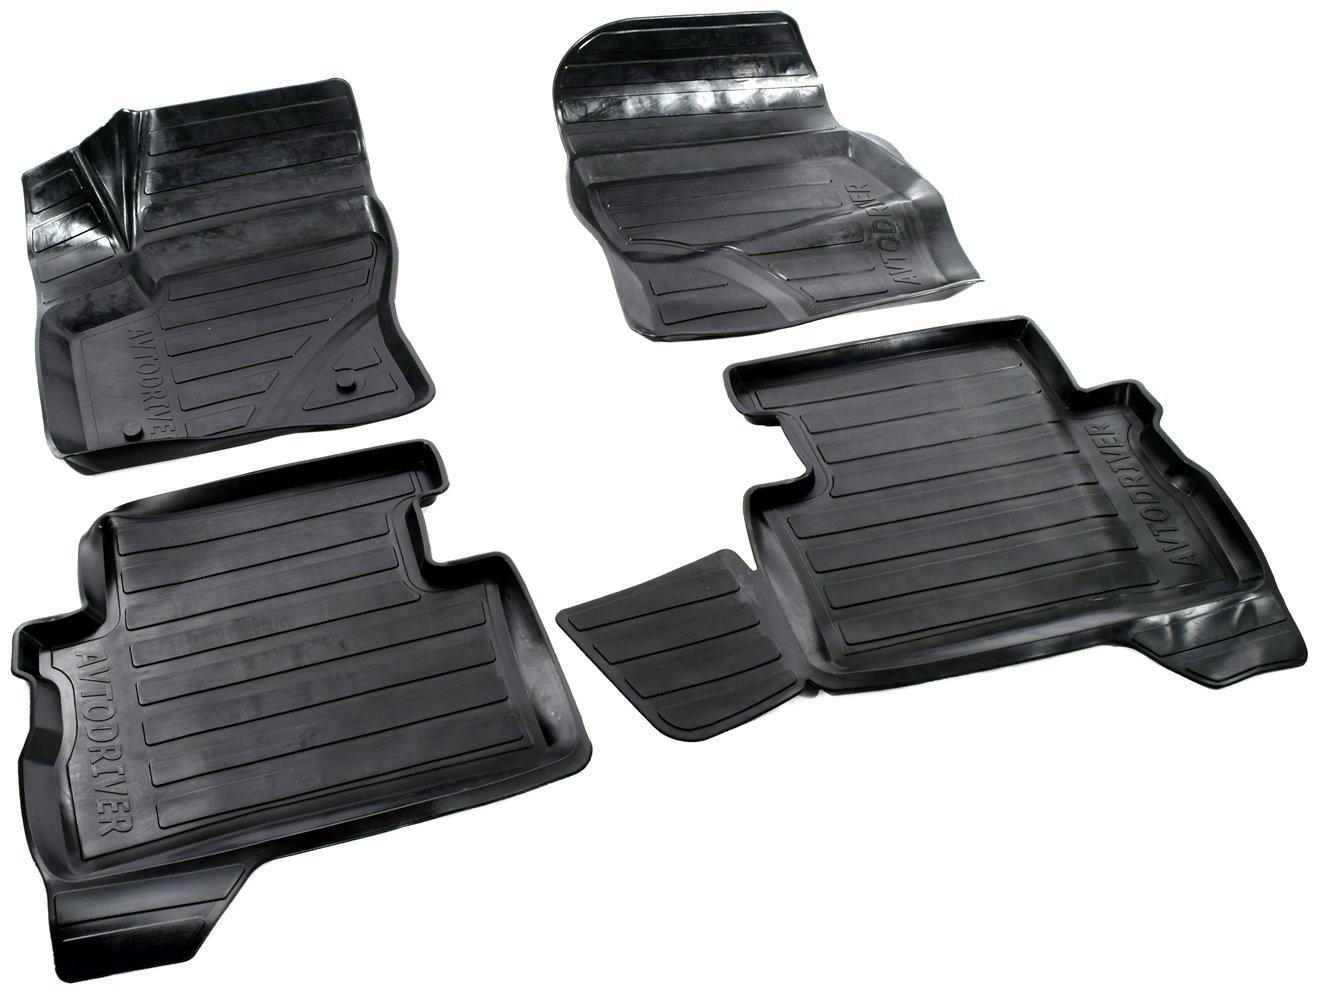 все цены на Коврики в салон автомобиля Avtodriver, для Ford Kuga II, 2012-, ADRAVG136, резиновые, с бортиком, черный онлайн